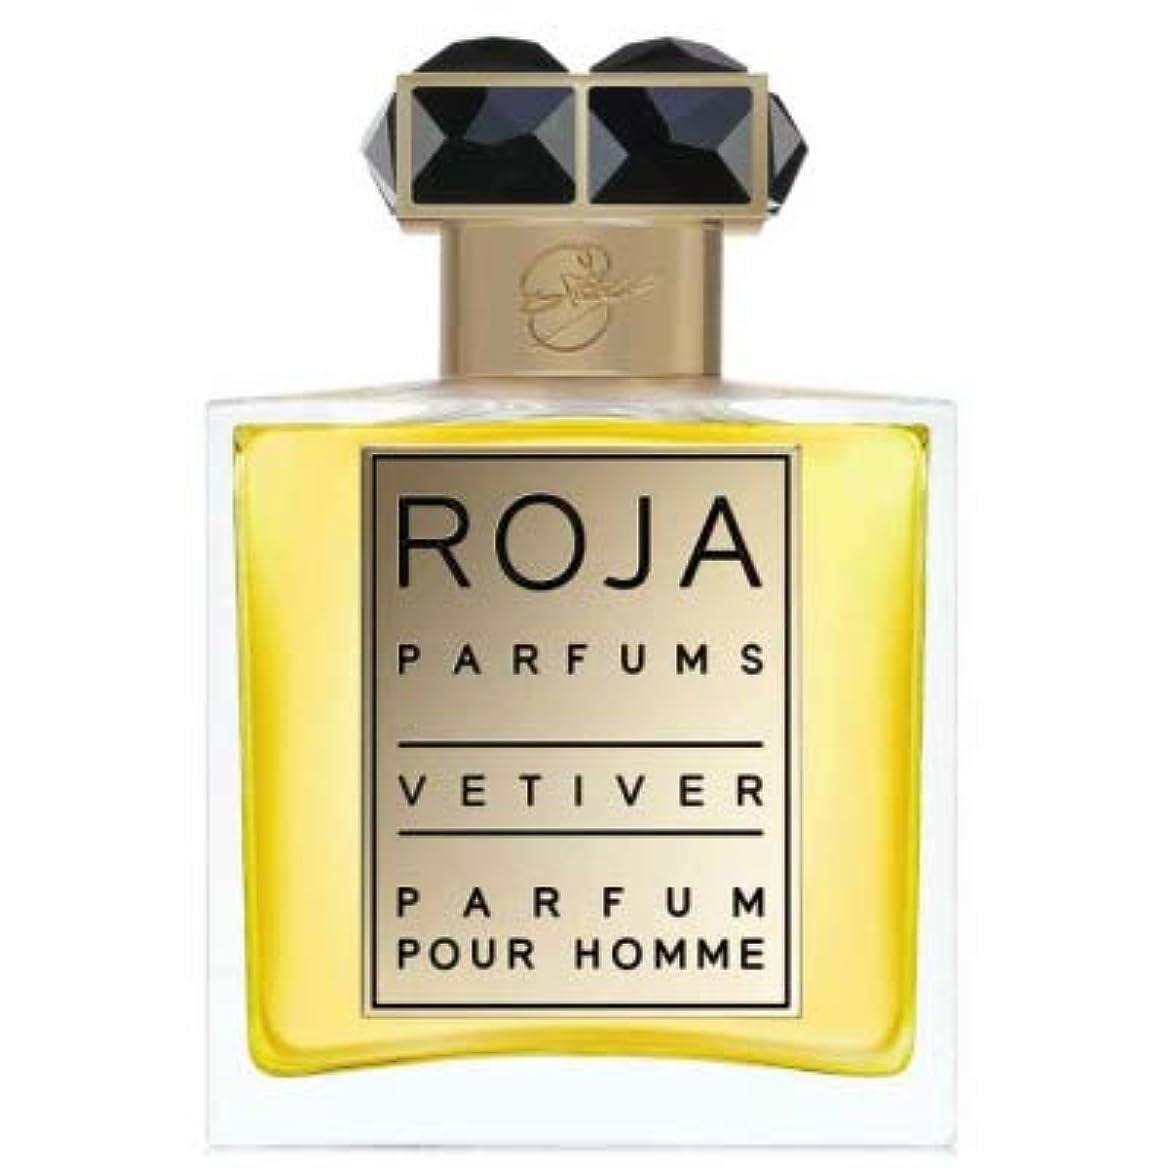 効果的大統領意外ロジャ ベチバー パルファン プール オム 50ml(Roja Parfums Vetiver Pour Homme EDP 50ml) [並行輸入品]